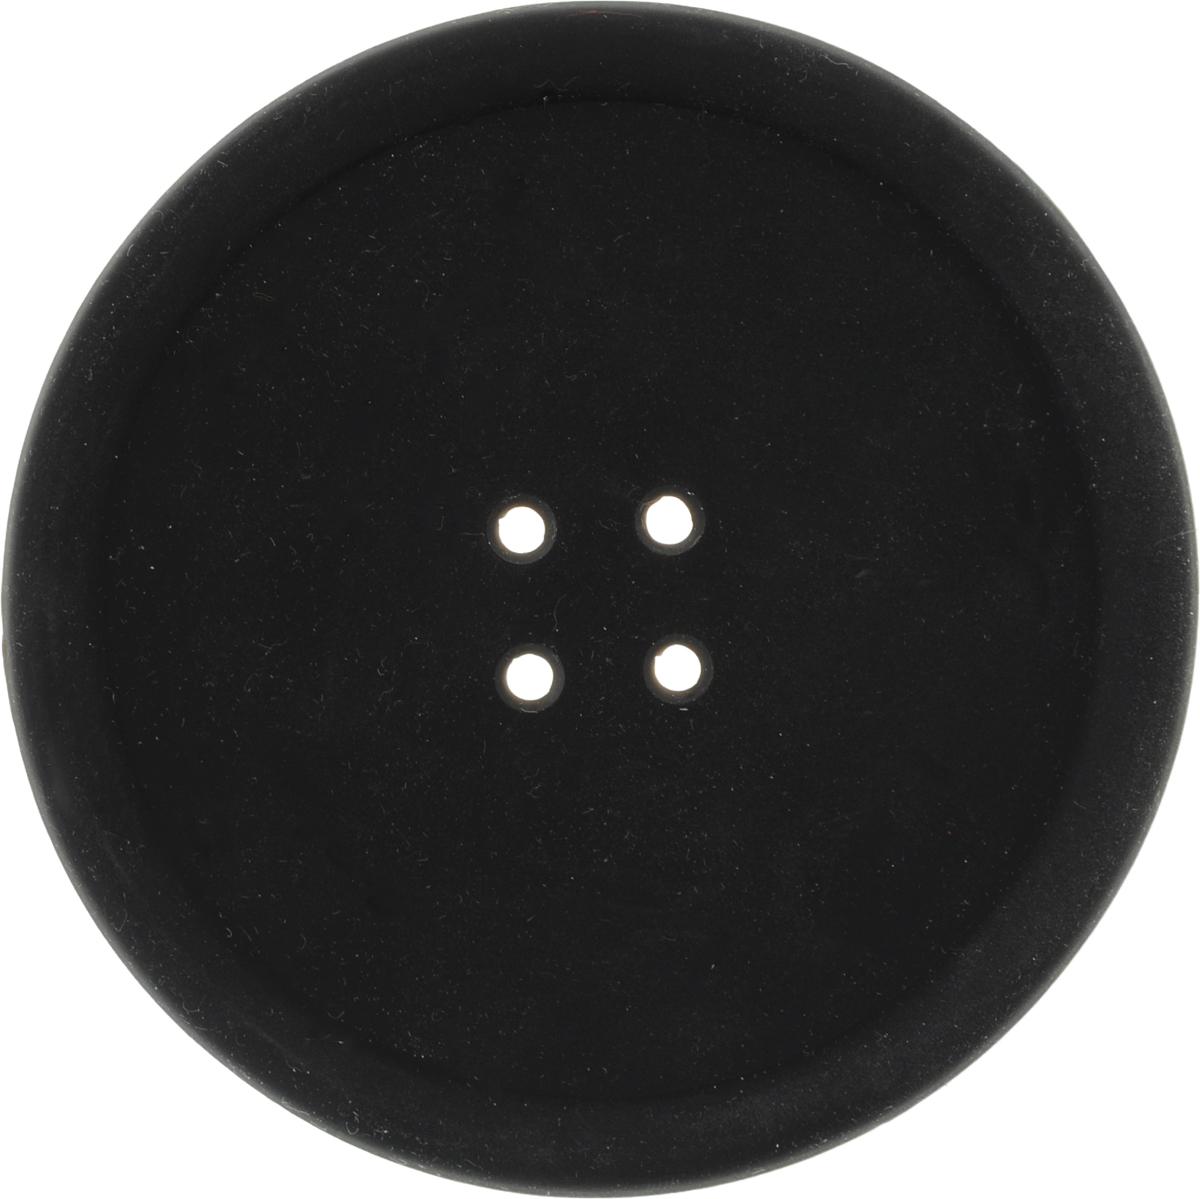 Подставка термостойкая Marmiton Пуговка, цвет: черный, диаметр 10 см салфетка для сервировки стола marmiton термостойкая подставка складная marmiton красный 21 6х21 6х1 см